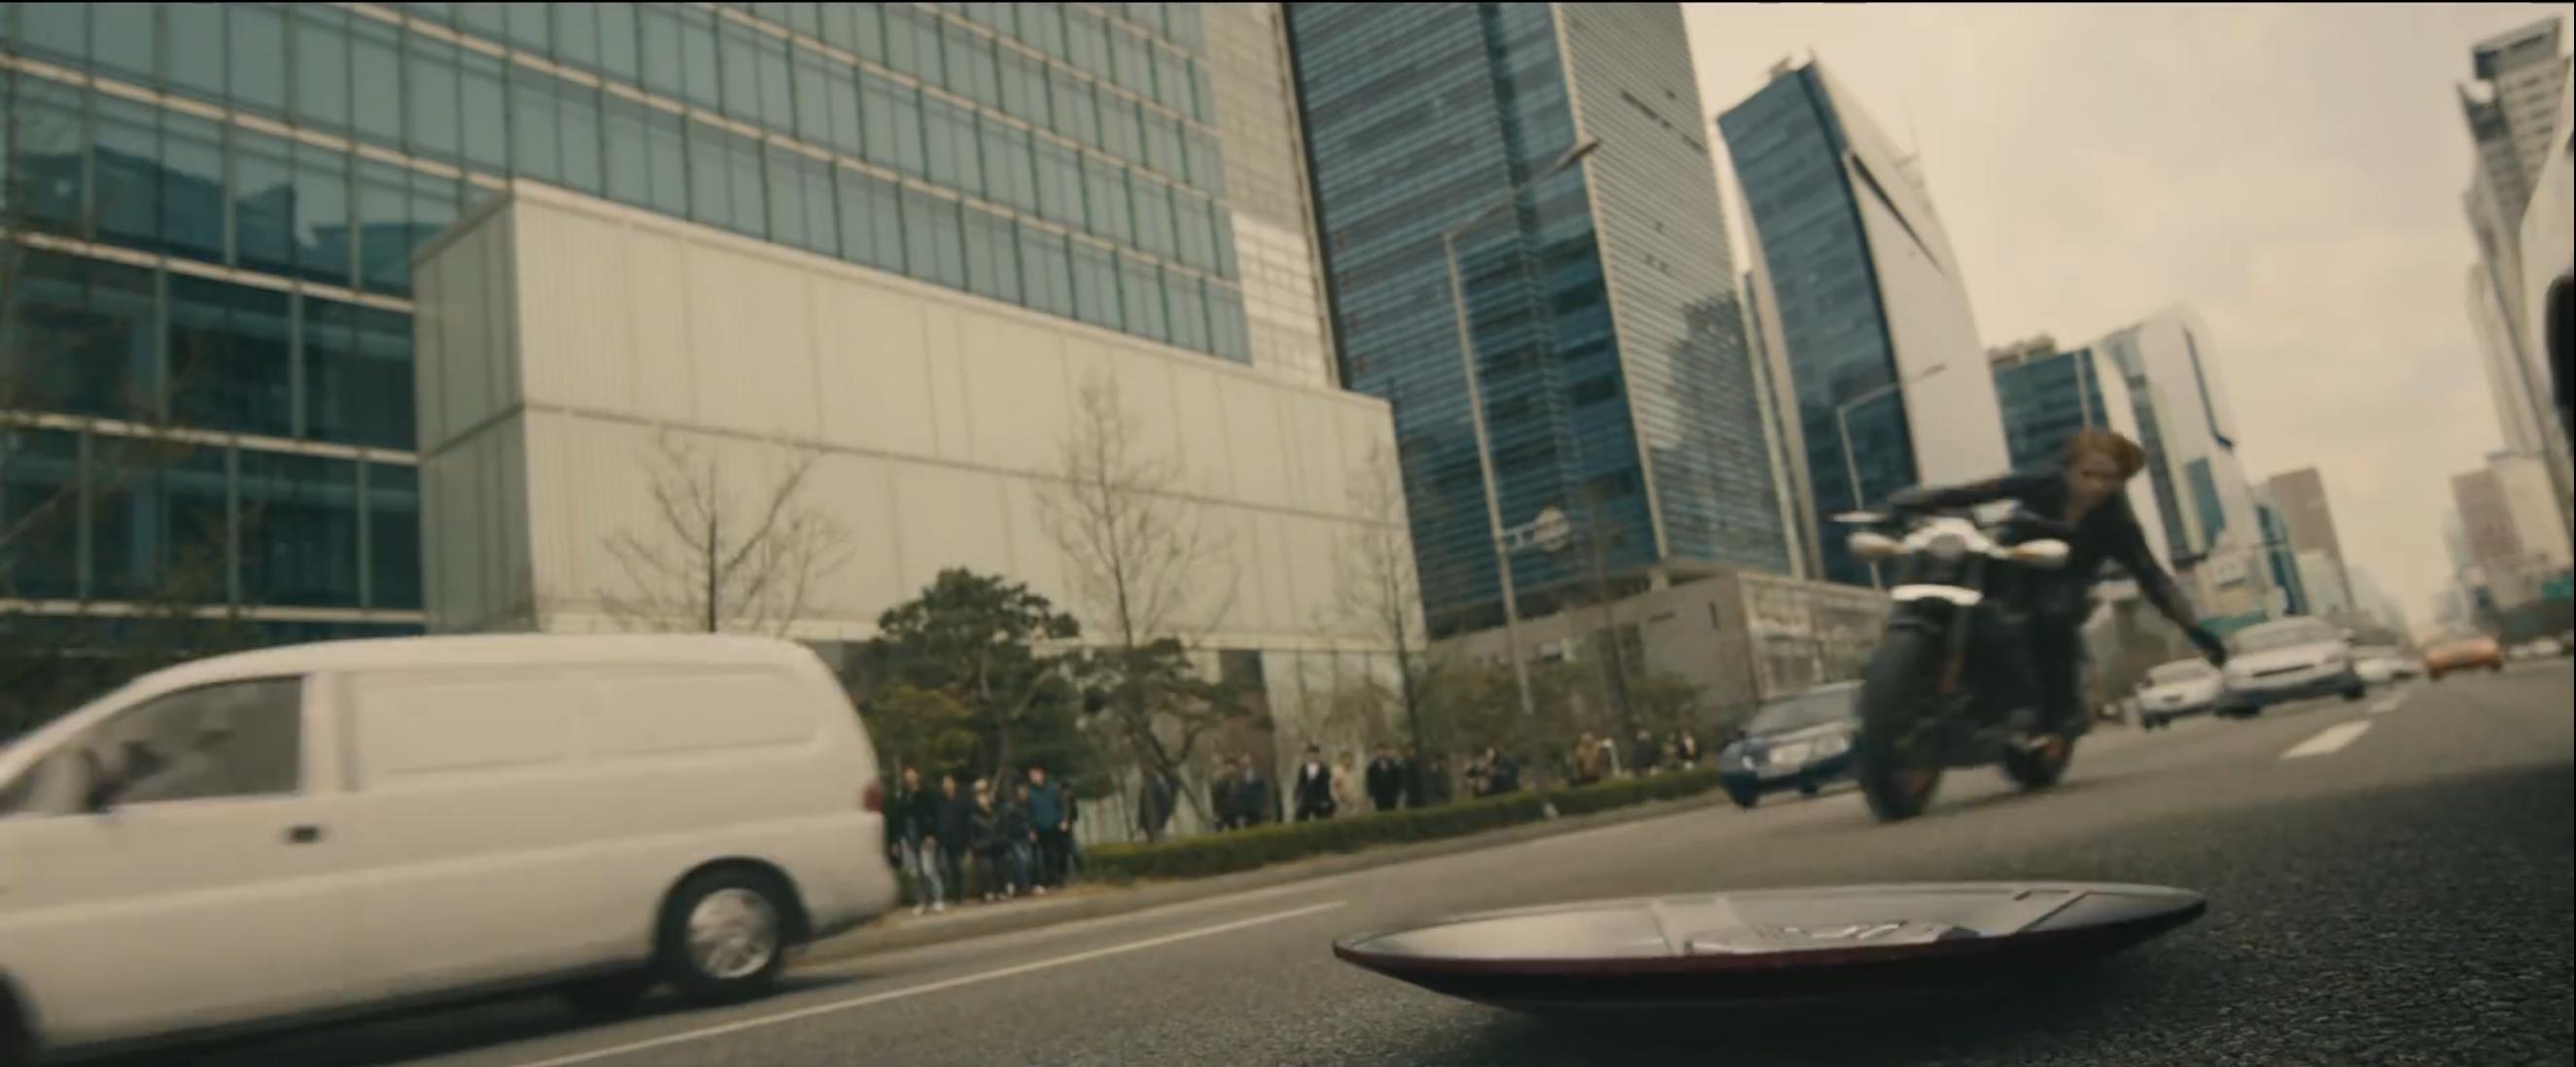 Scarlett Johansson in una immagine del trailer di Avengers: Age of Ultron